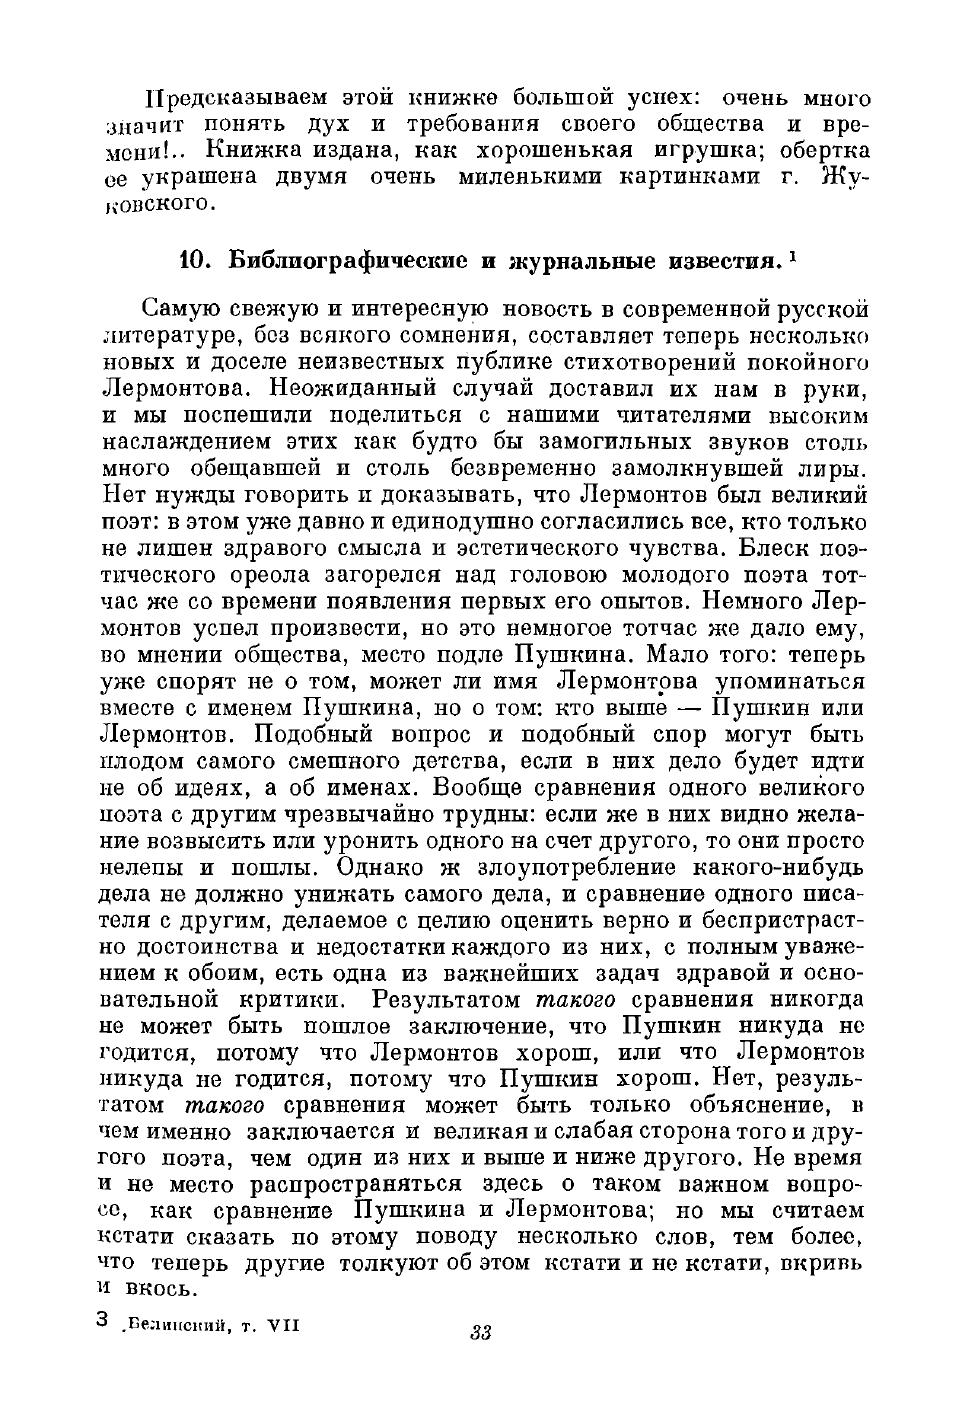 http://images.vfl.ru/ii/1405933612/fdcfeb59/5764513.jpg